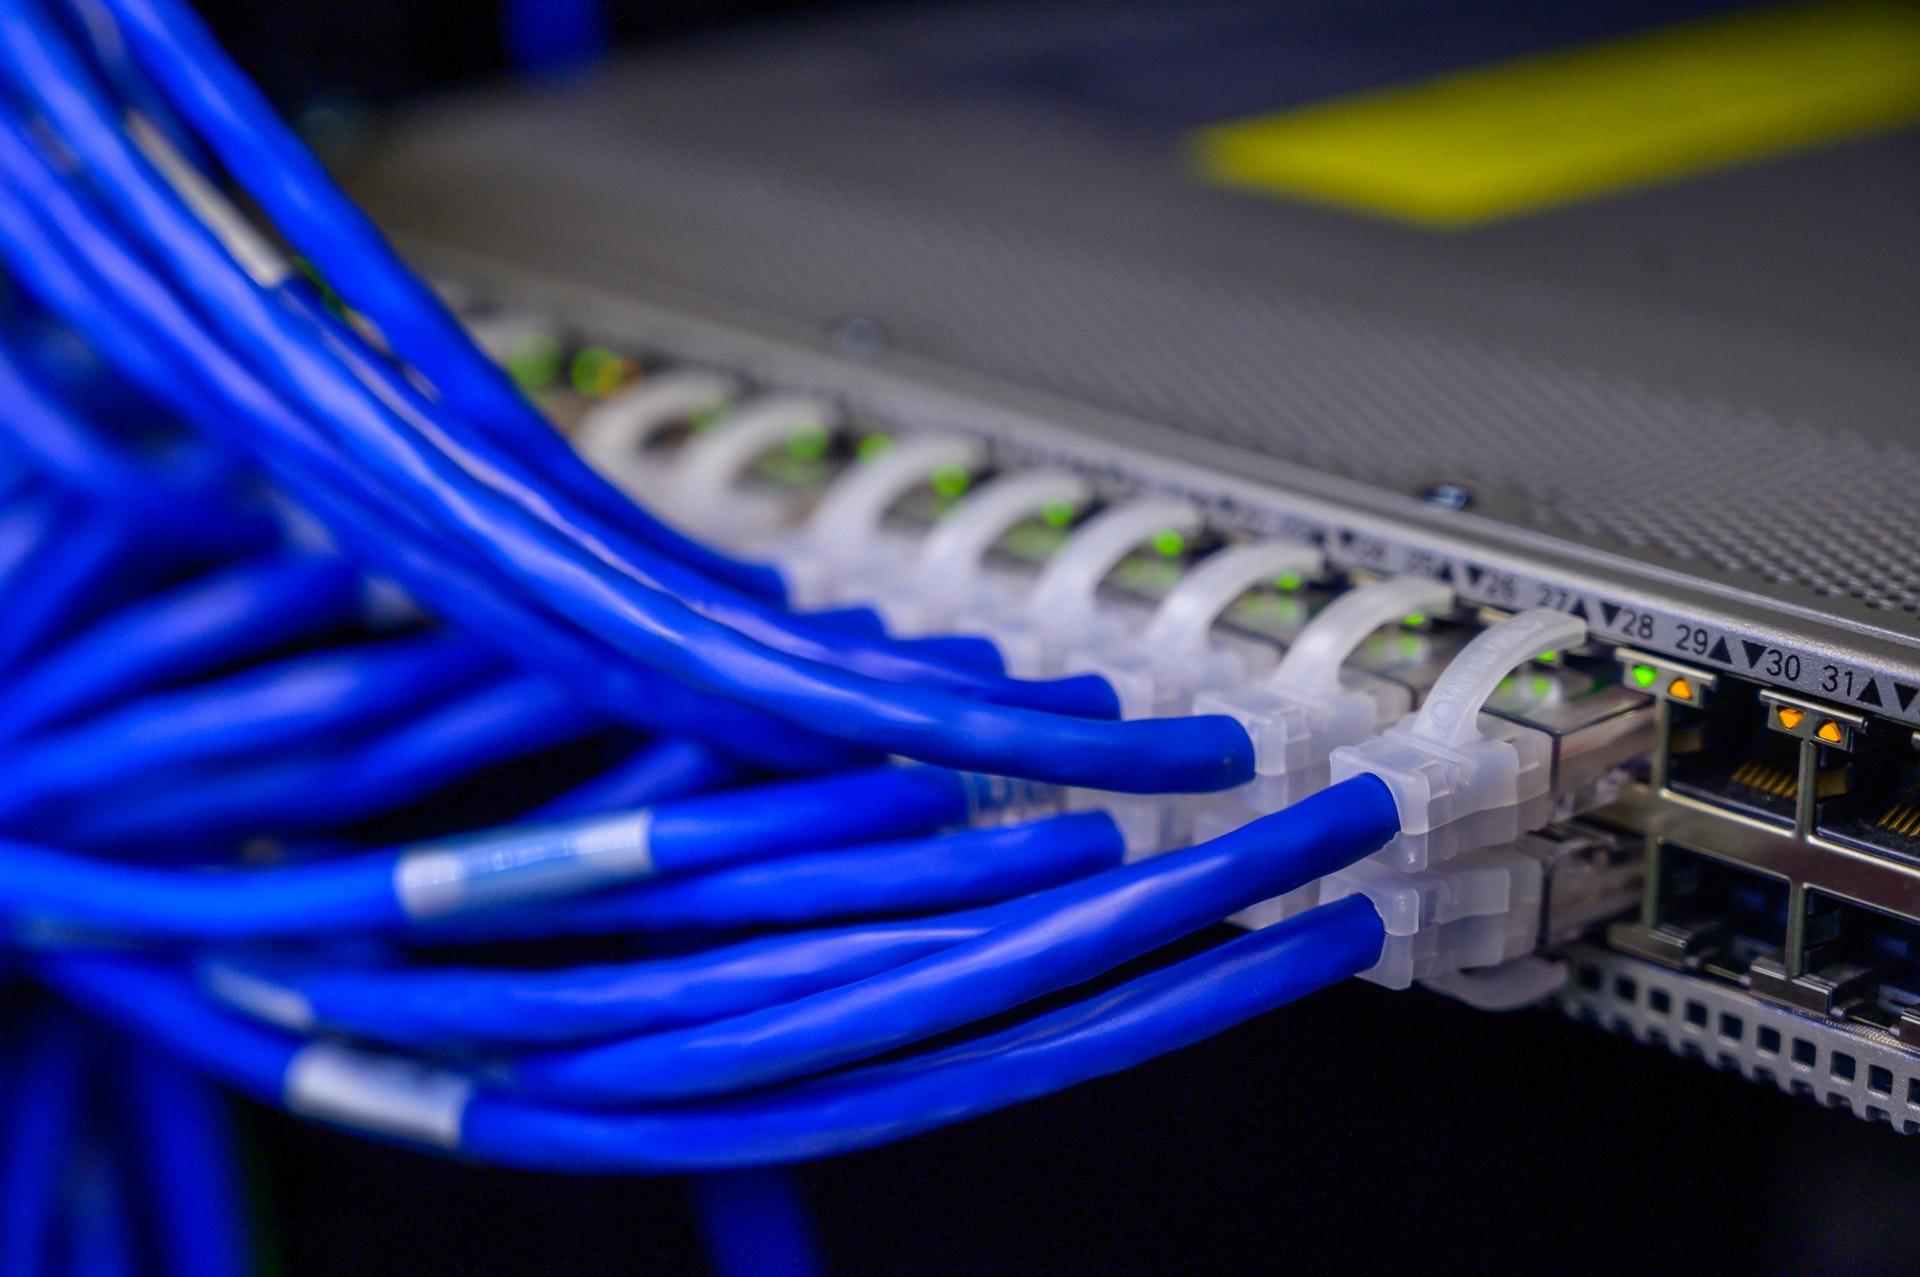 En İyi WiFi Kanalını Seçmek